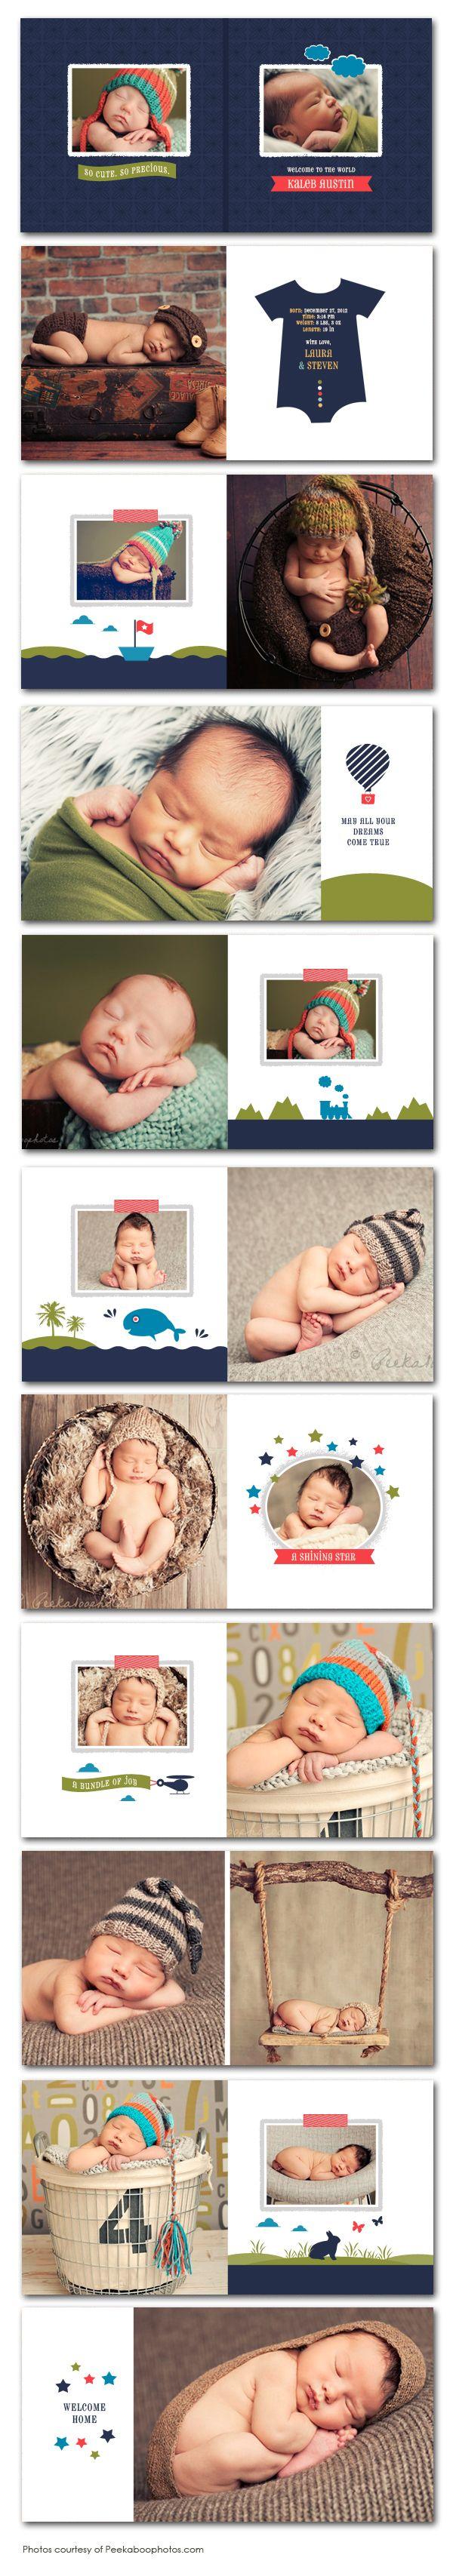 Explora Newborn Photo Album Template